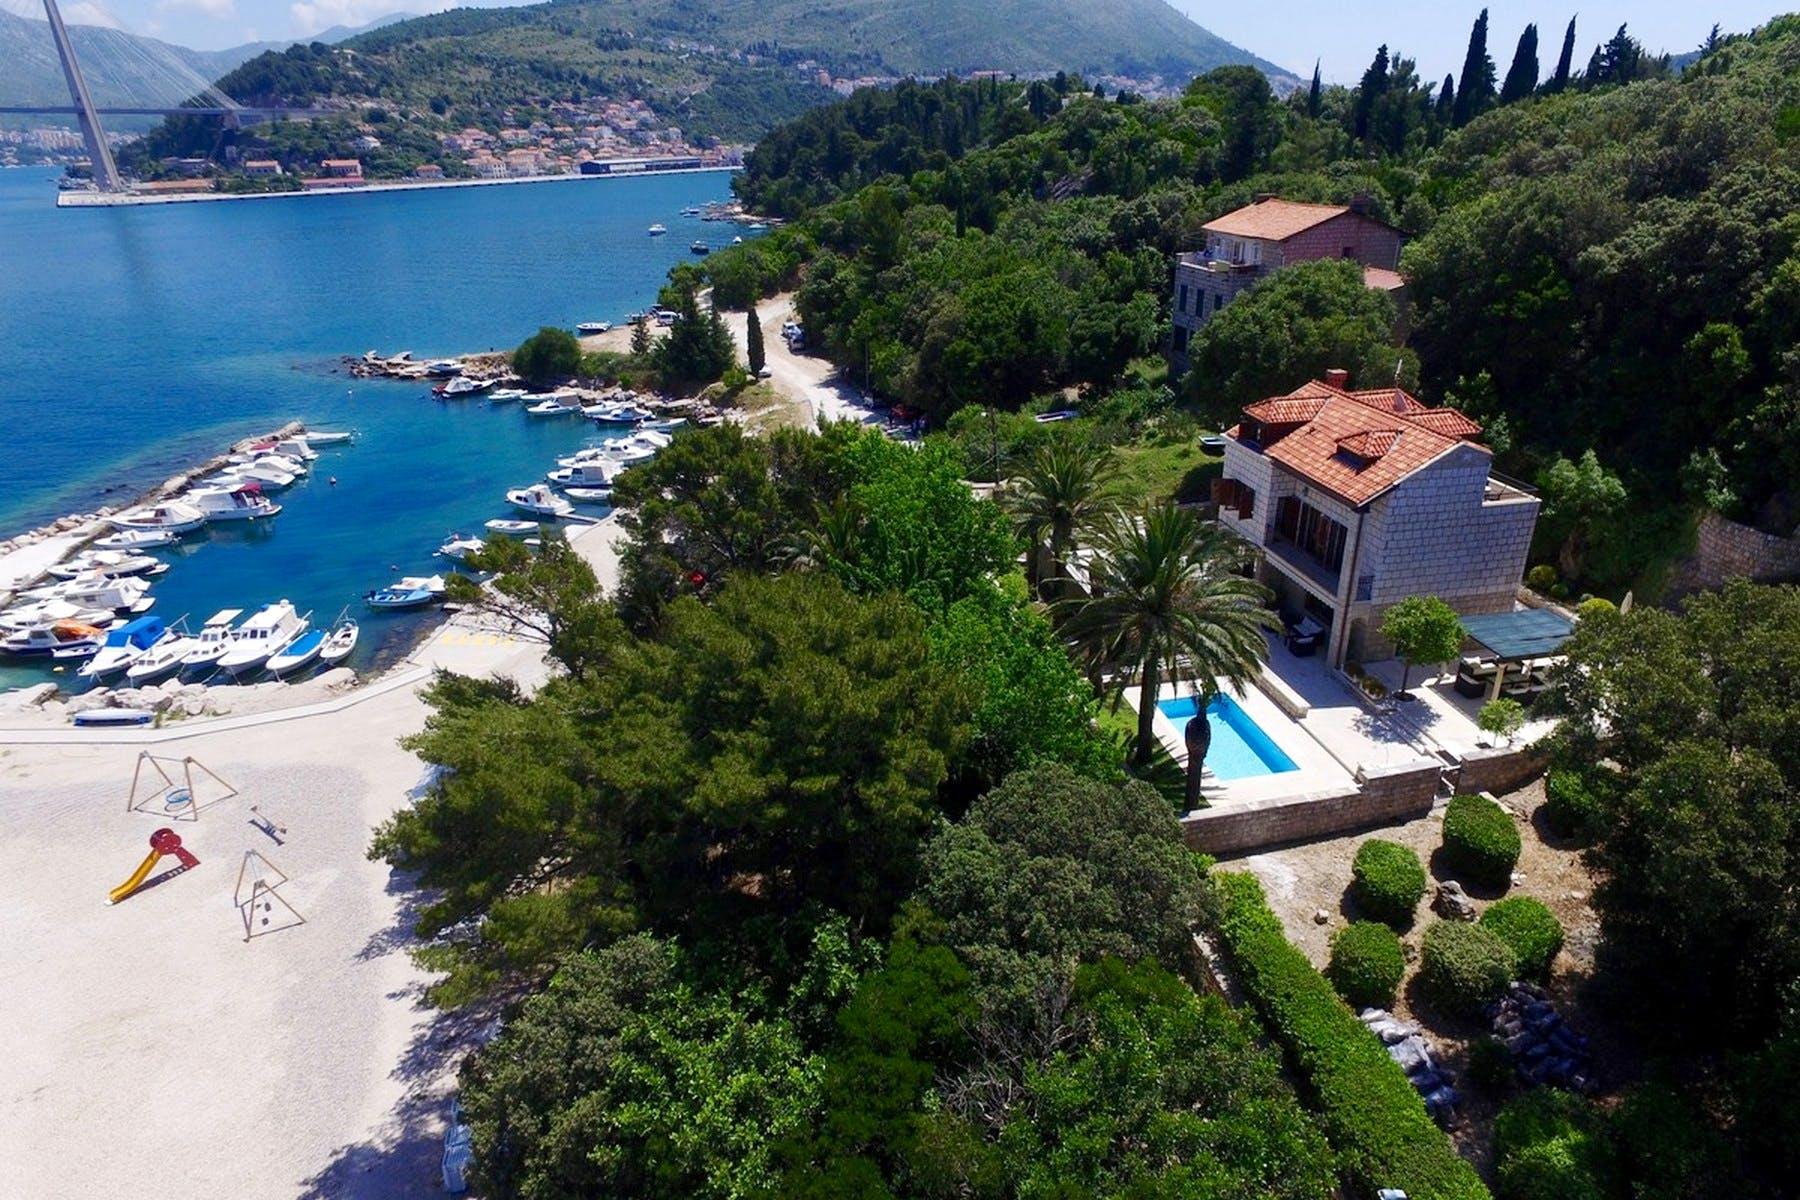 Premium lokacija uz more